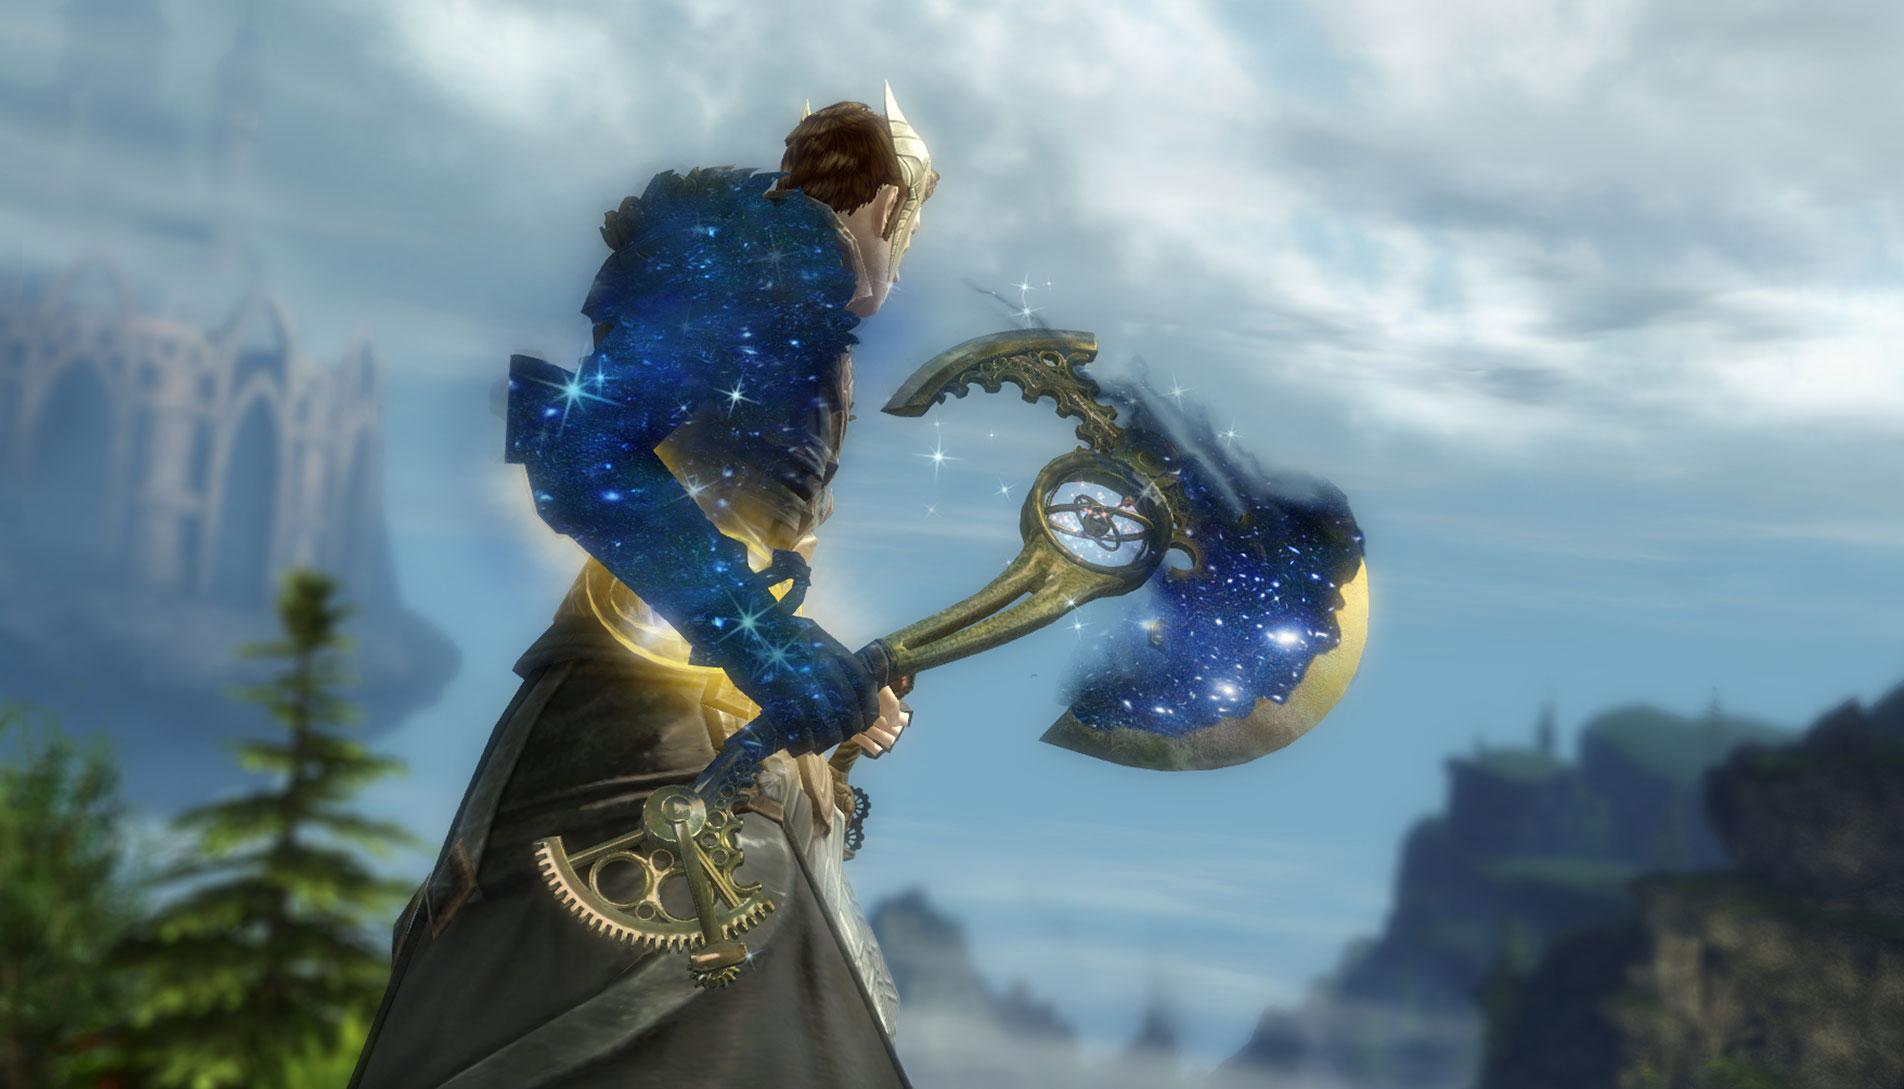 Astralaria klingt zwar wie ein Elfenname, ist aber die Himmelsaxt.